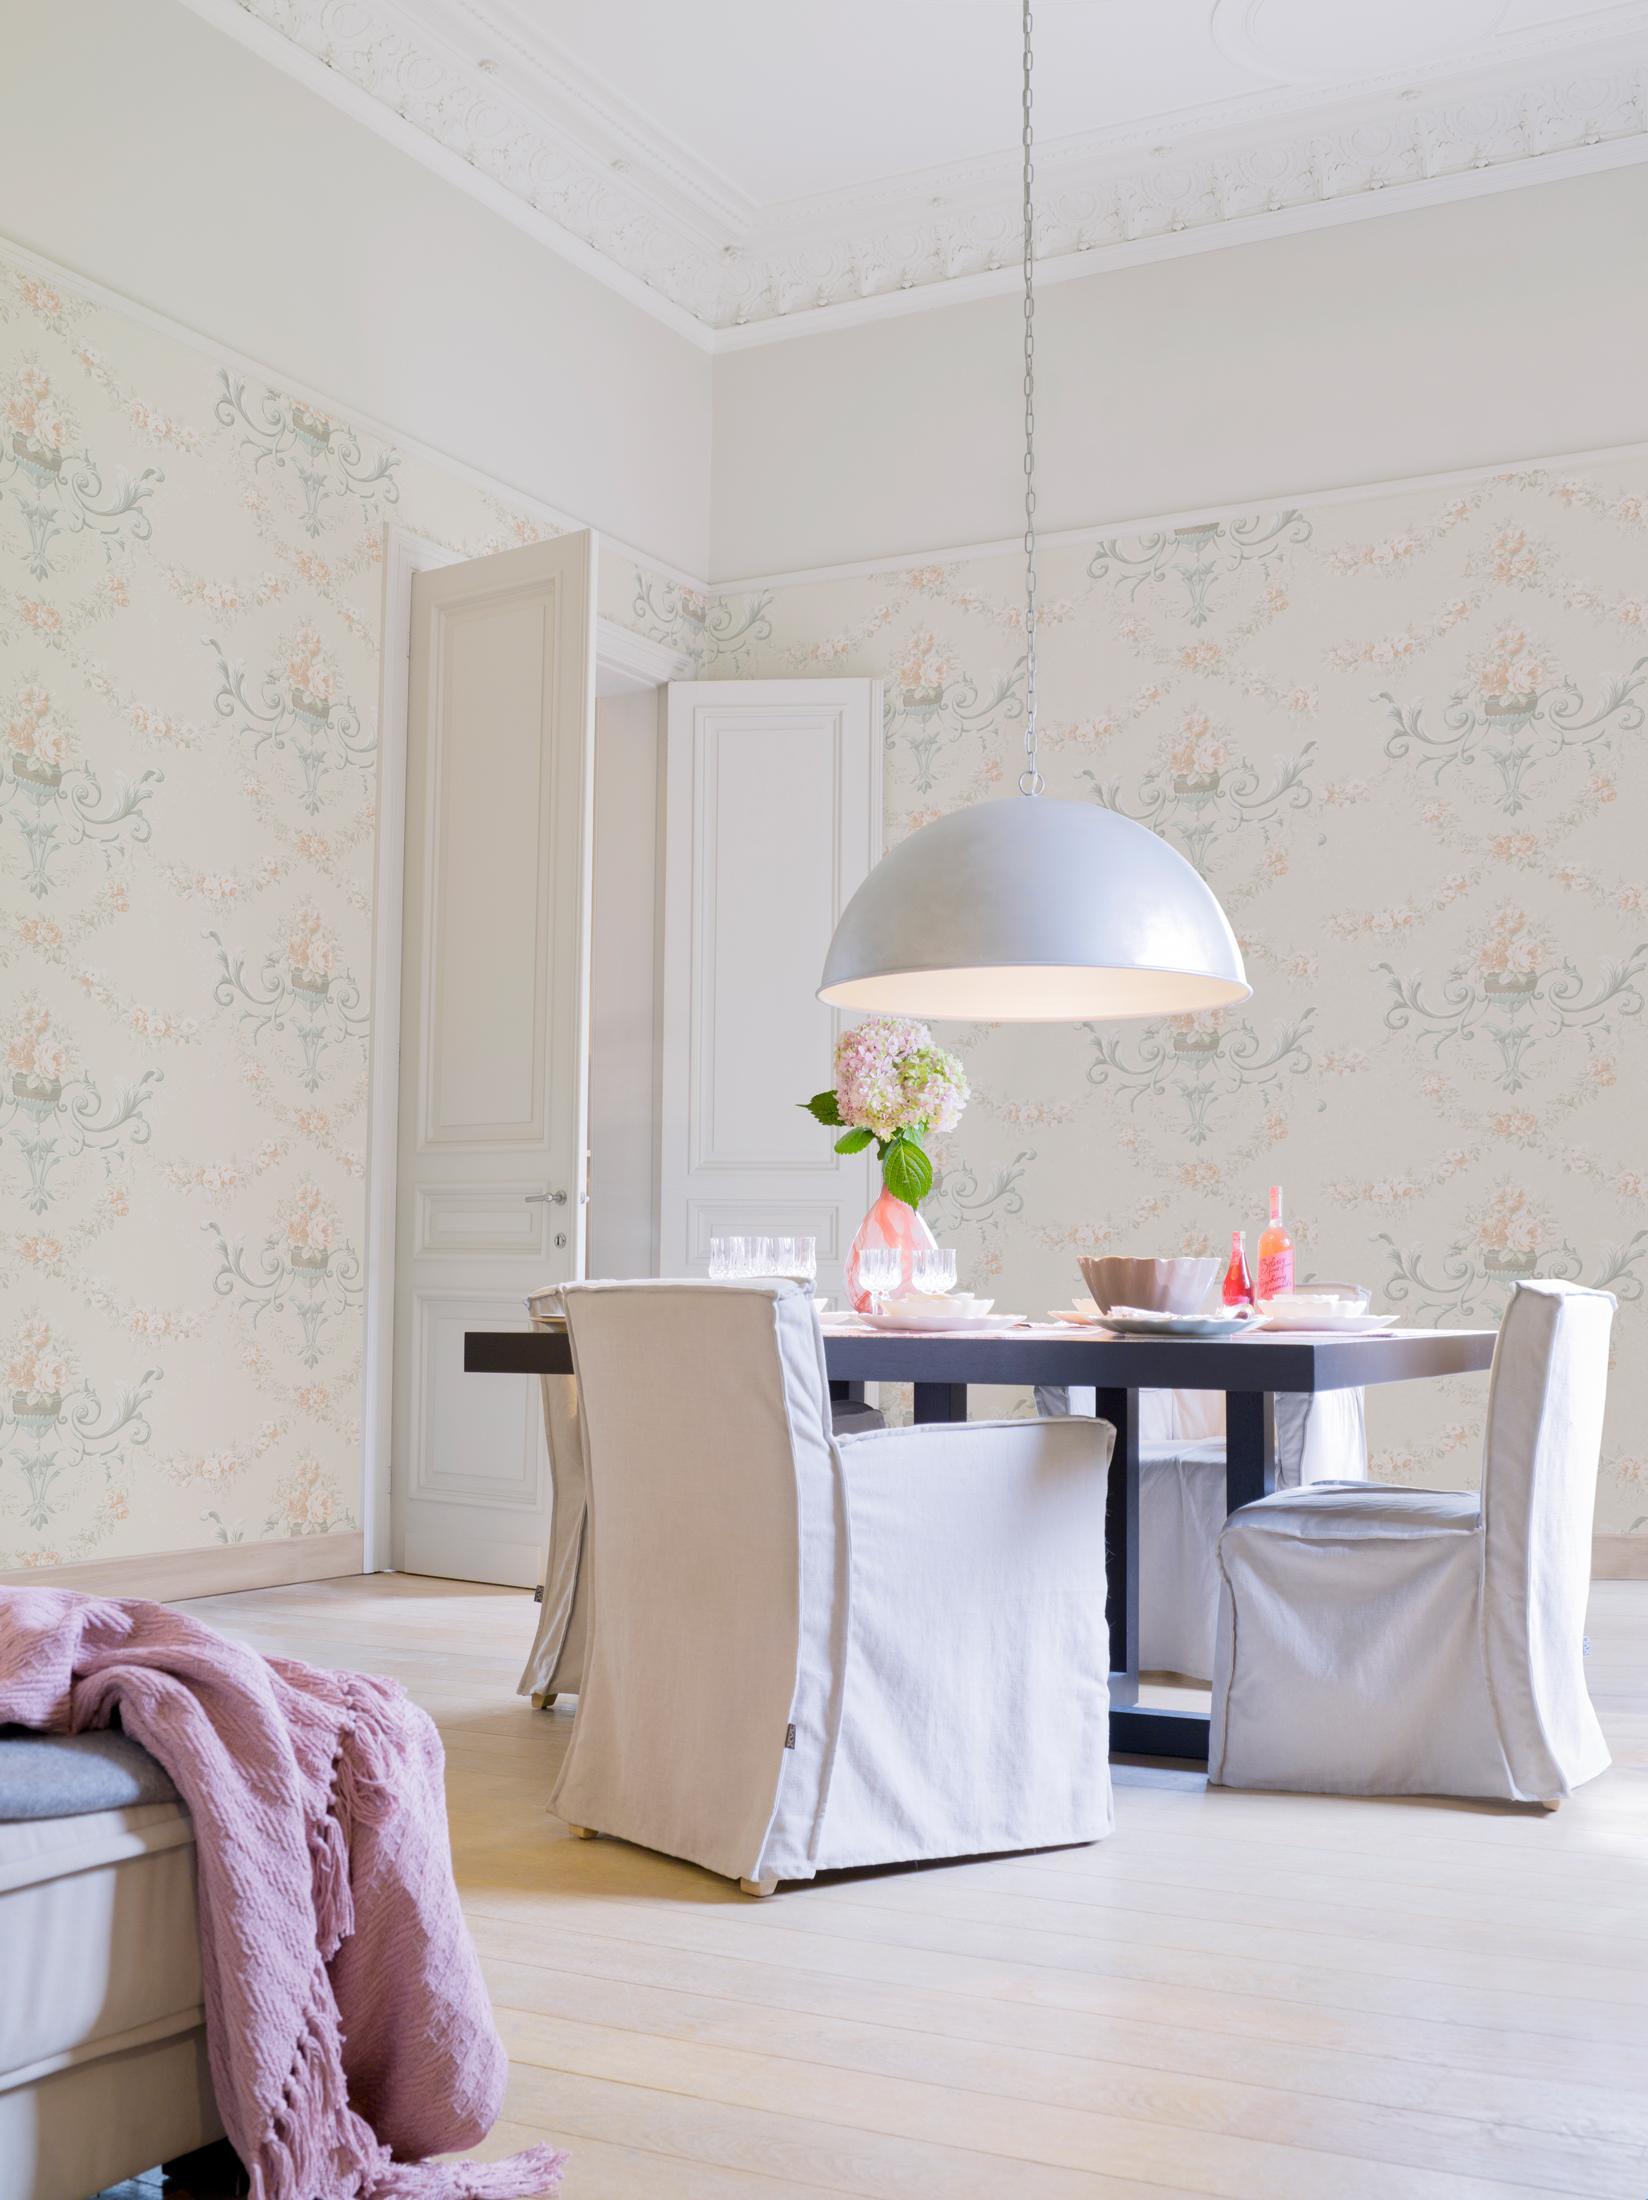 Hohe decke bilder ideen couchstyle - Wandgestaltung altbau ...